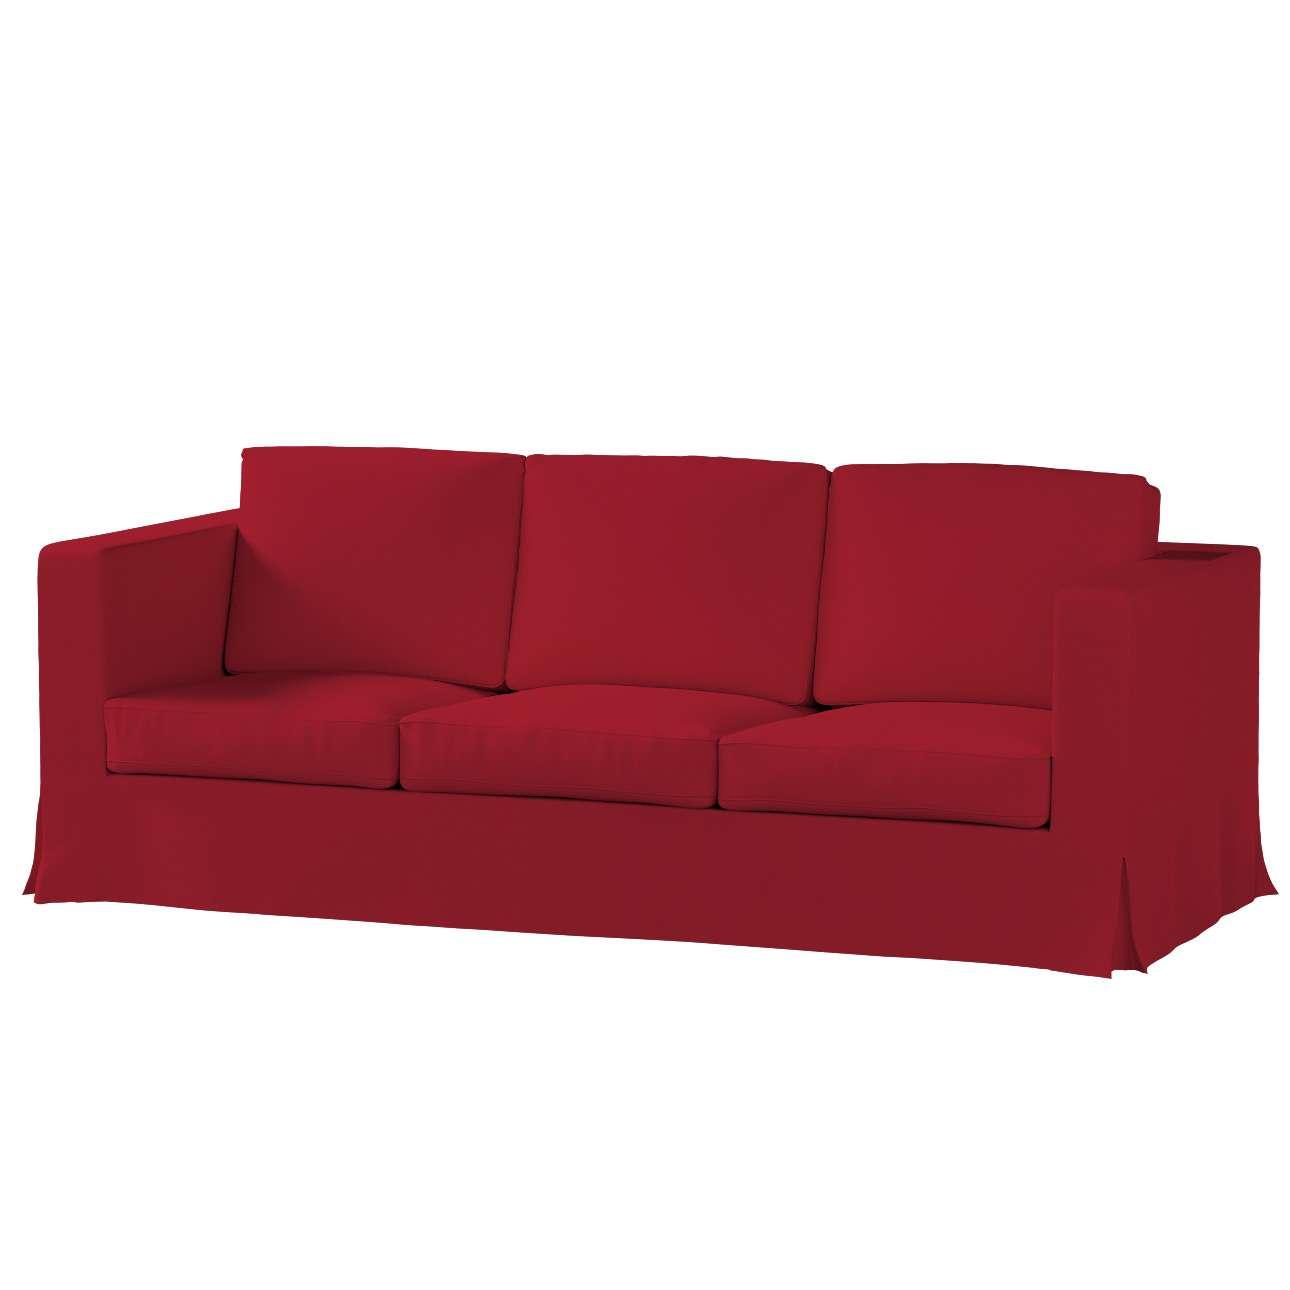 Pokrowiec na sofę Karlanda 3-osobową nierozkładaną, długi Sofa Karlanda 3-os w kolekcji Chenille, tkanina: 702-24